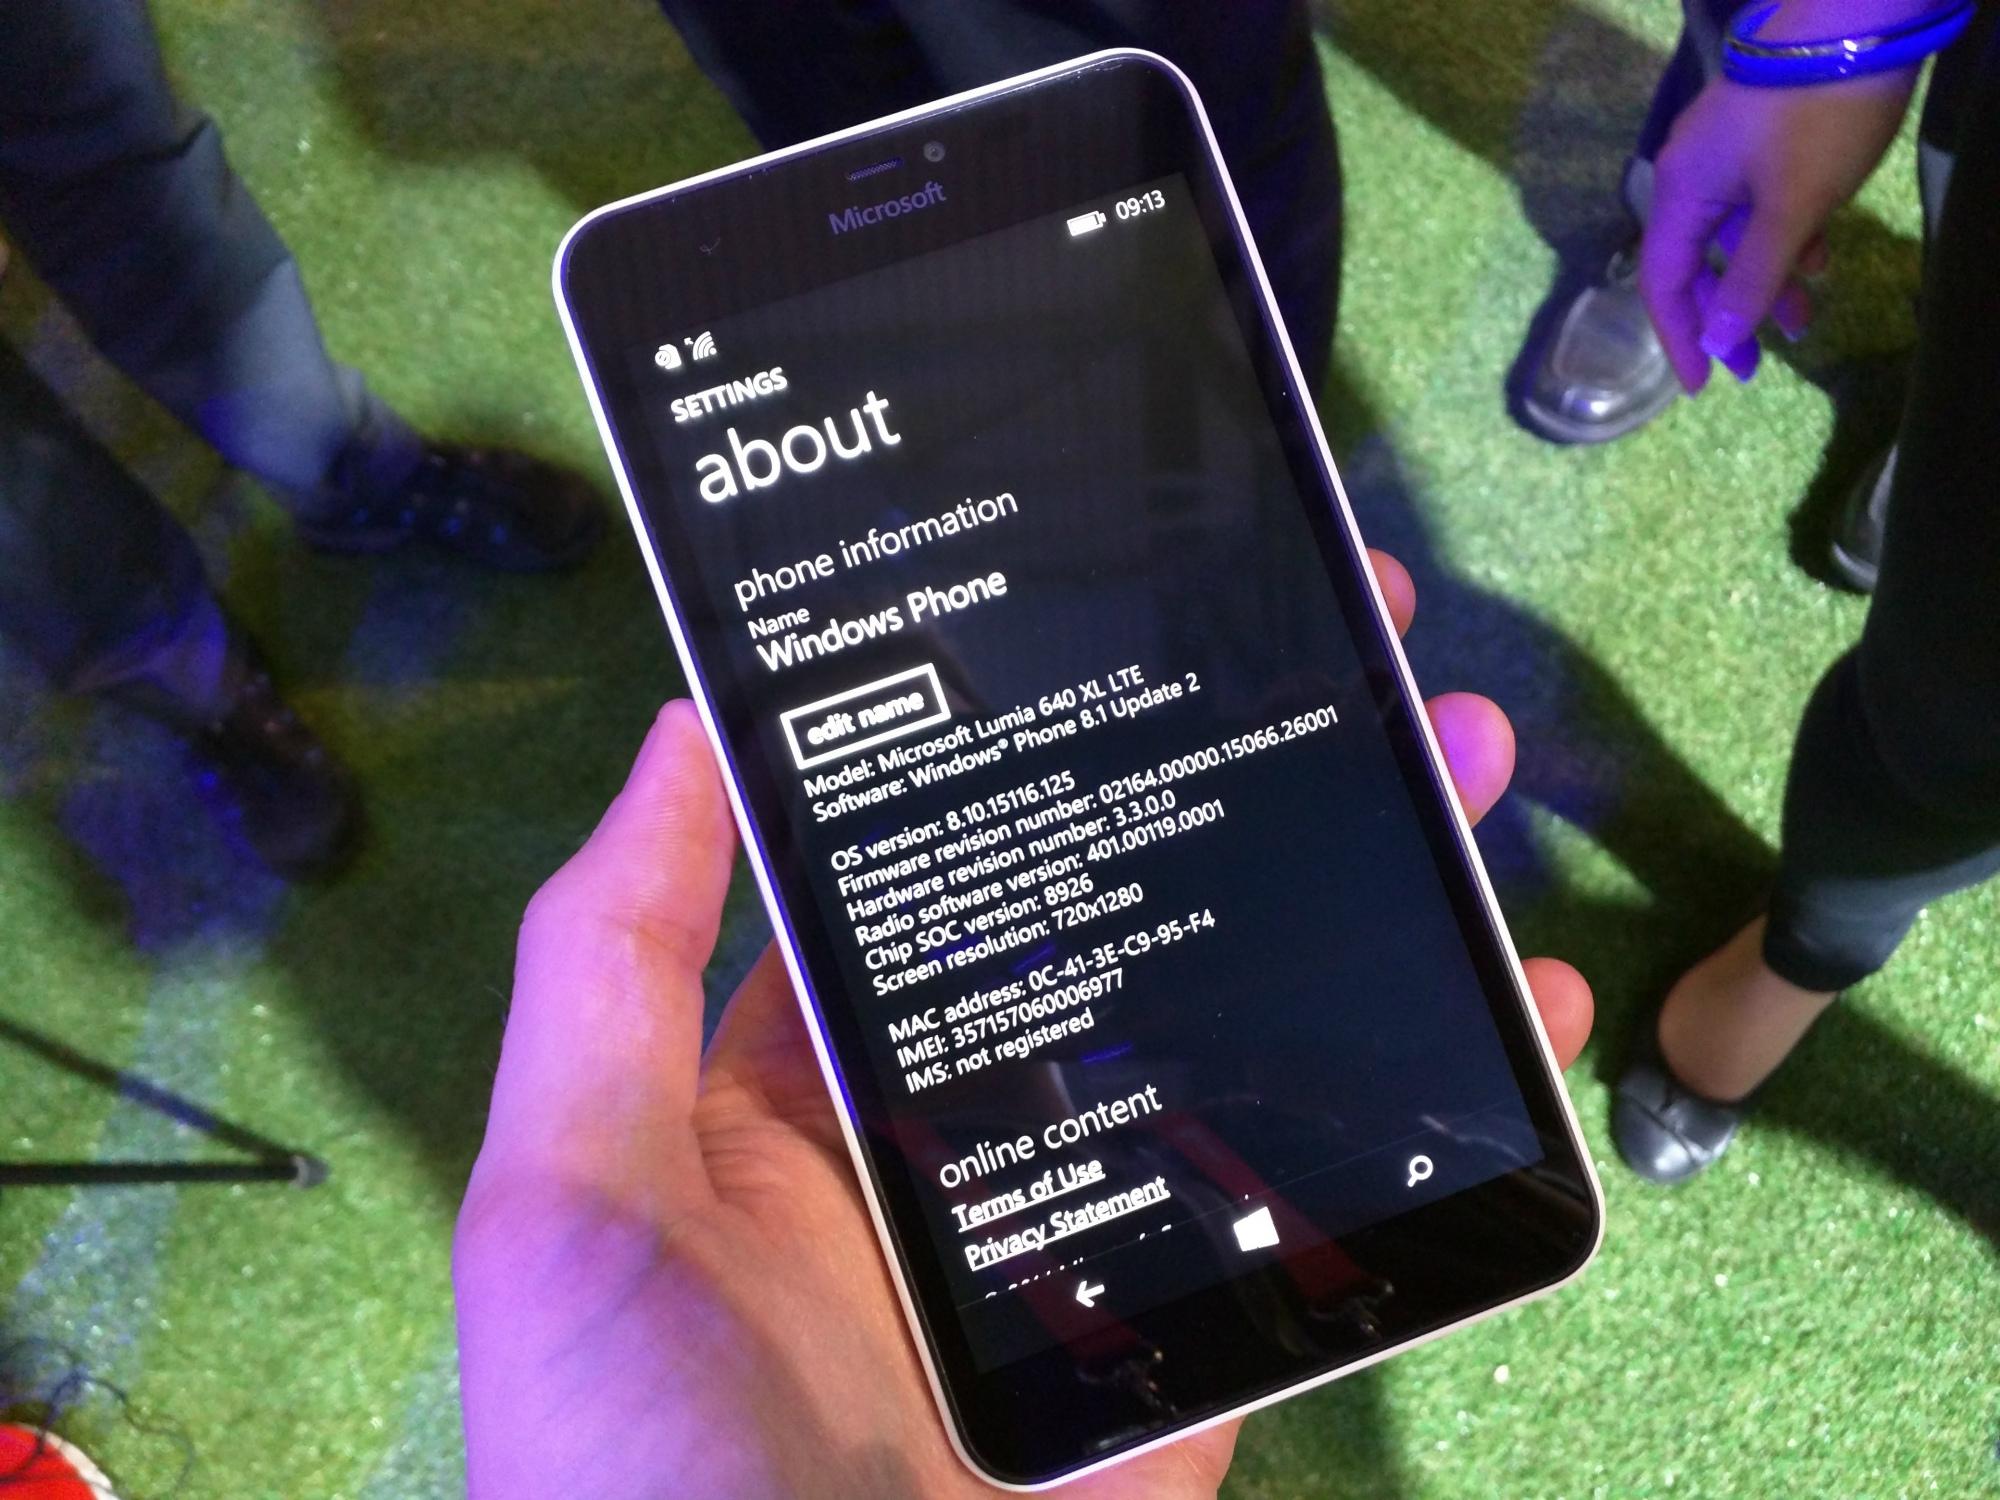 Windows Phone 8.1 Update 2 con Lumia™ Denim adjunta el Lumia™ 640 XL